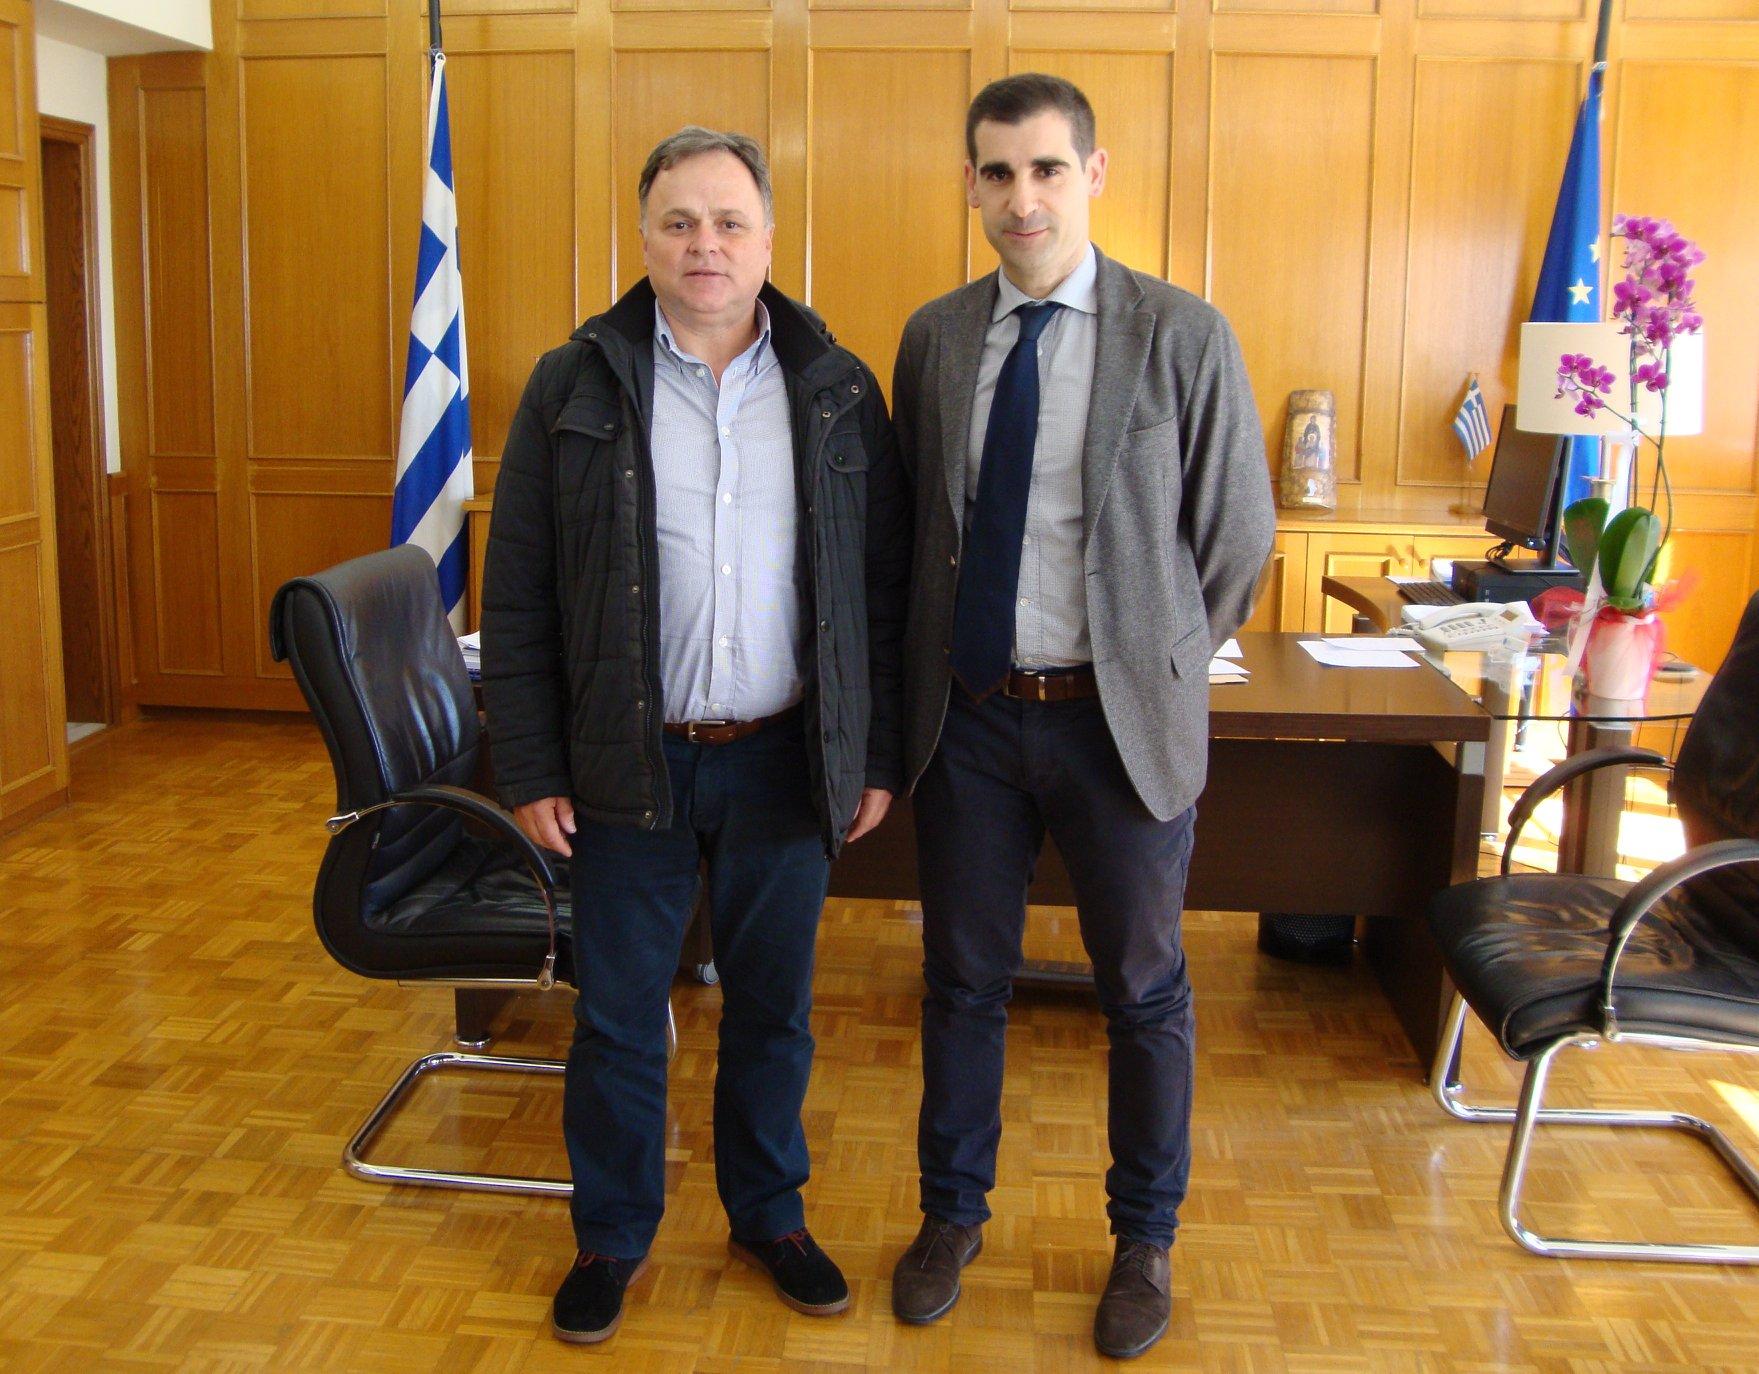 ΠΕ Ηλείας: Επίσκεψη του απερχόμενου Διοικητή της Πυροσβεστικής Υπηρεσίας Πύργου, Δημήτρη Αντωνάκη, στον Αντιπεριφερειάχη Βασίλη Γιαννόπουλο